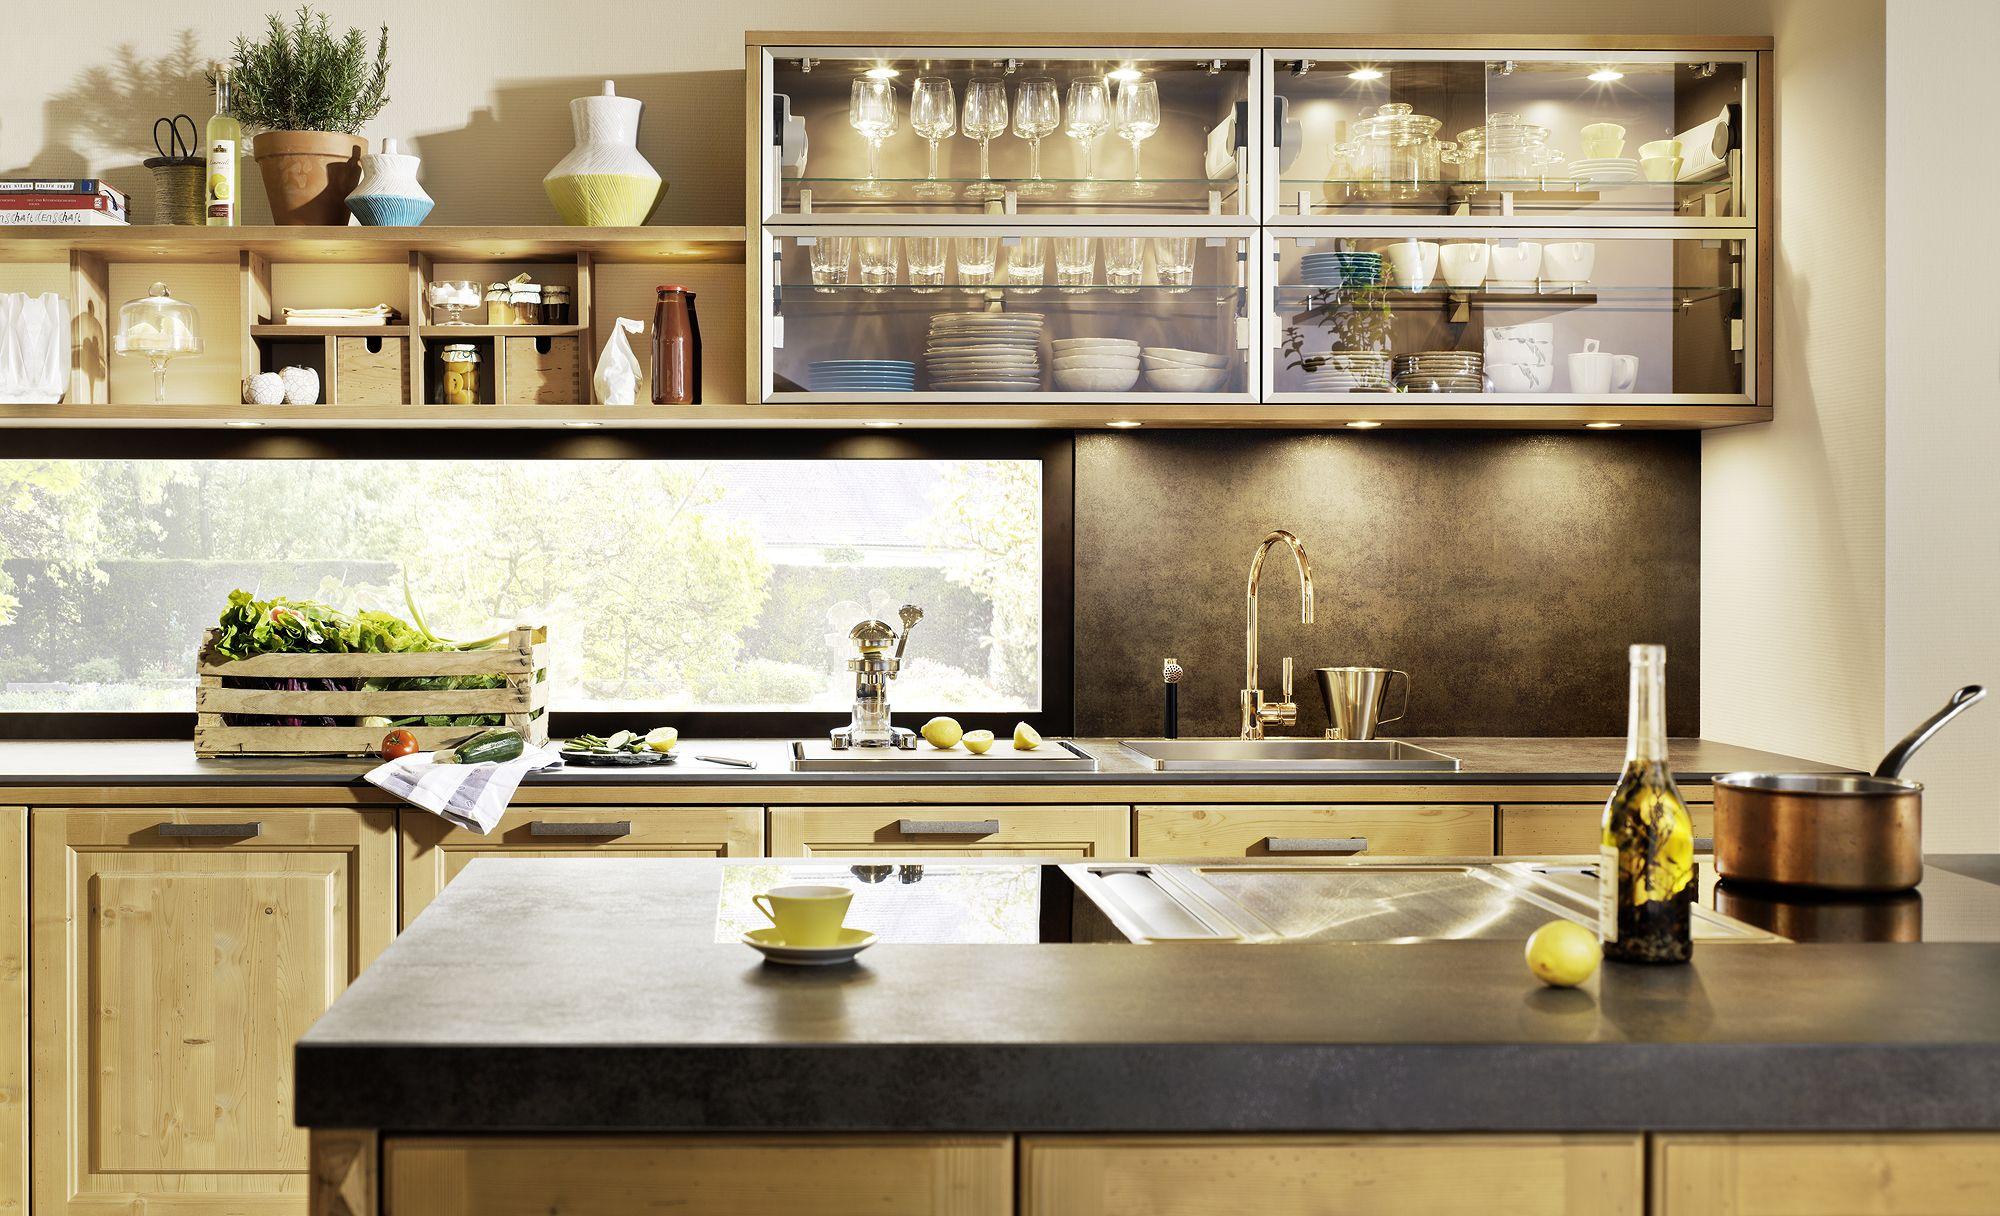 Küchendeko küchendeko unter 5 minuten küchen ideen wohn inspirationen